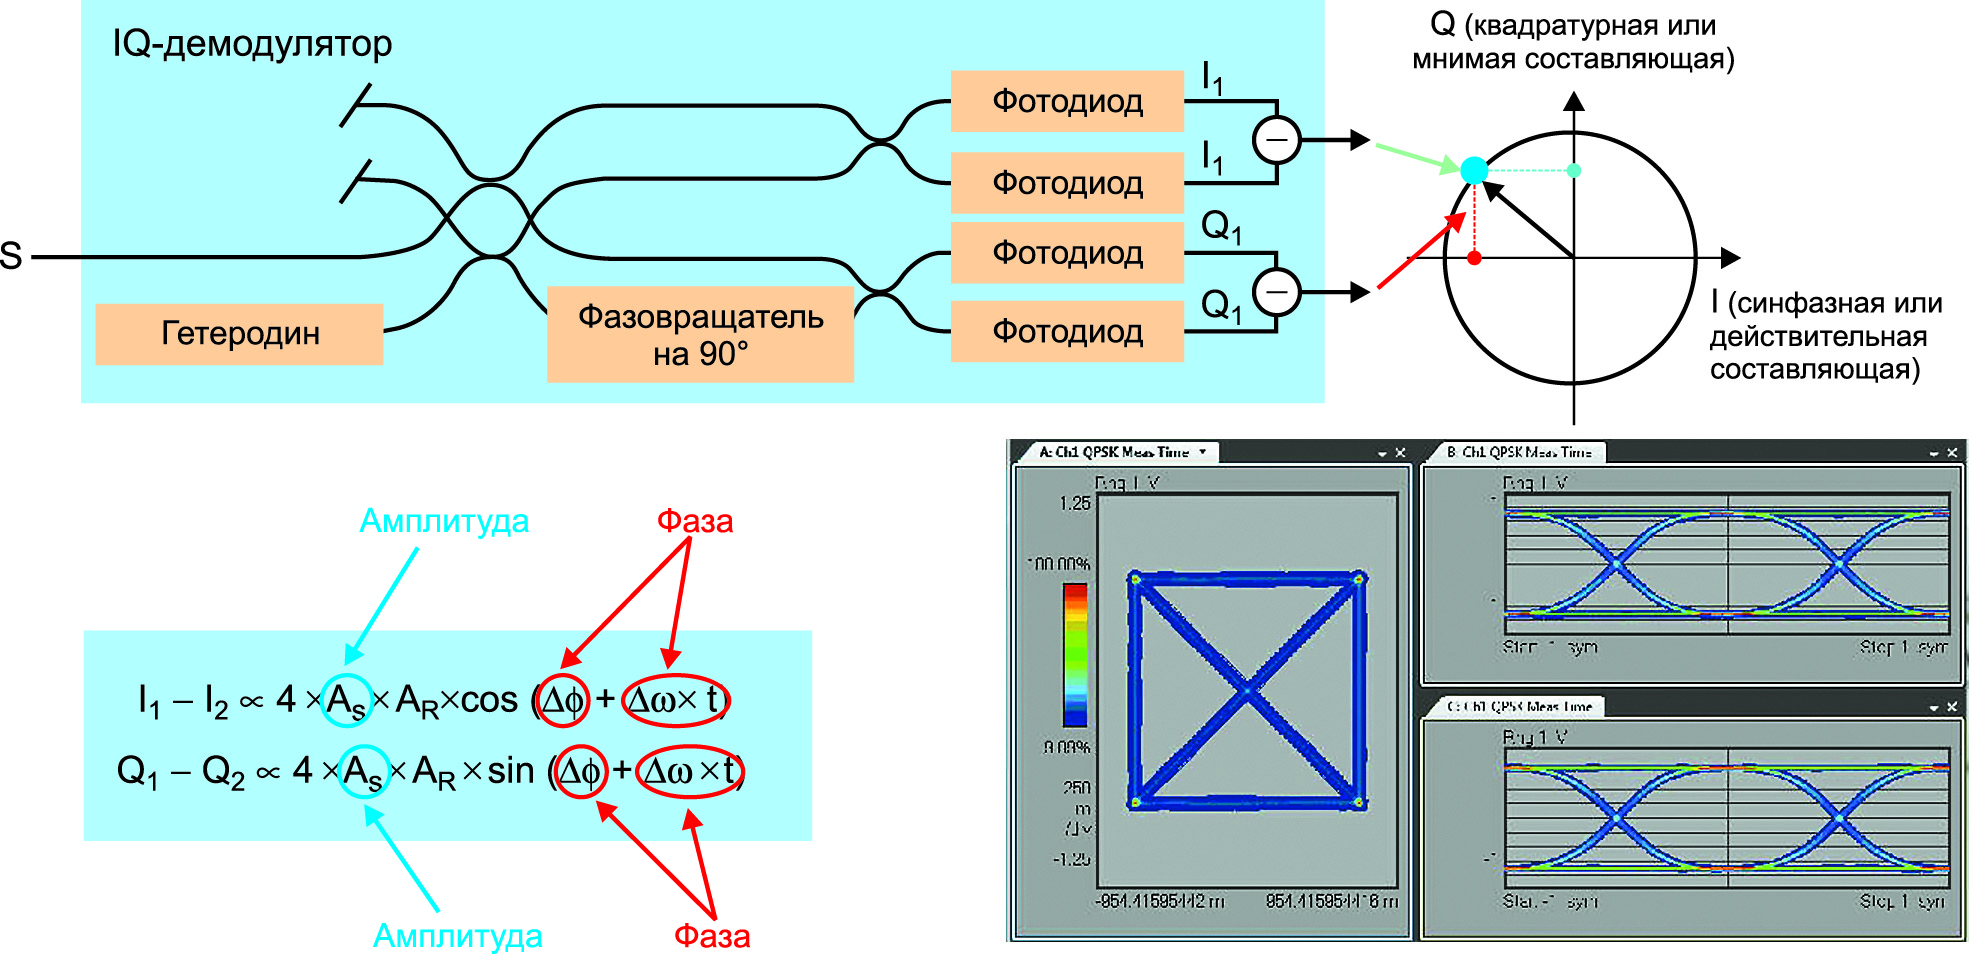 IQ-демодулятор выполняет два независимых измерения, которые дают информацию о фазе и амплитуде